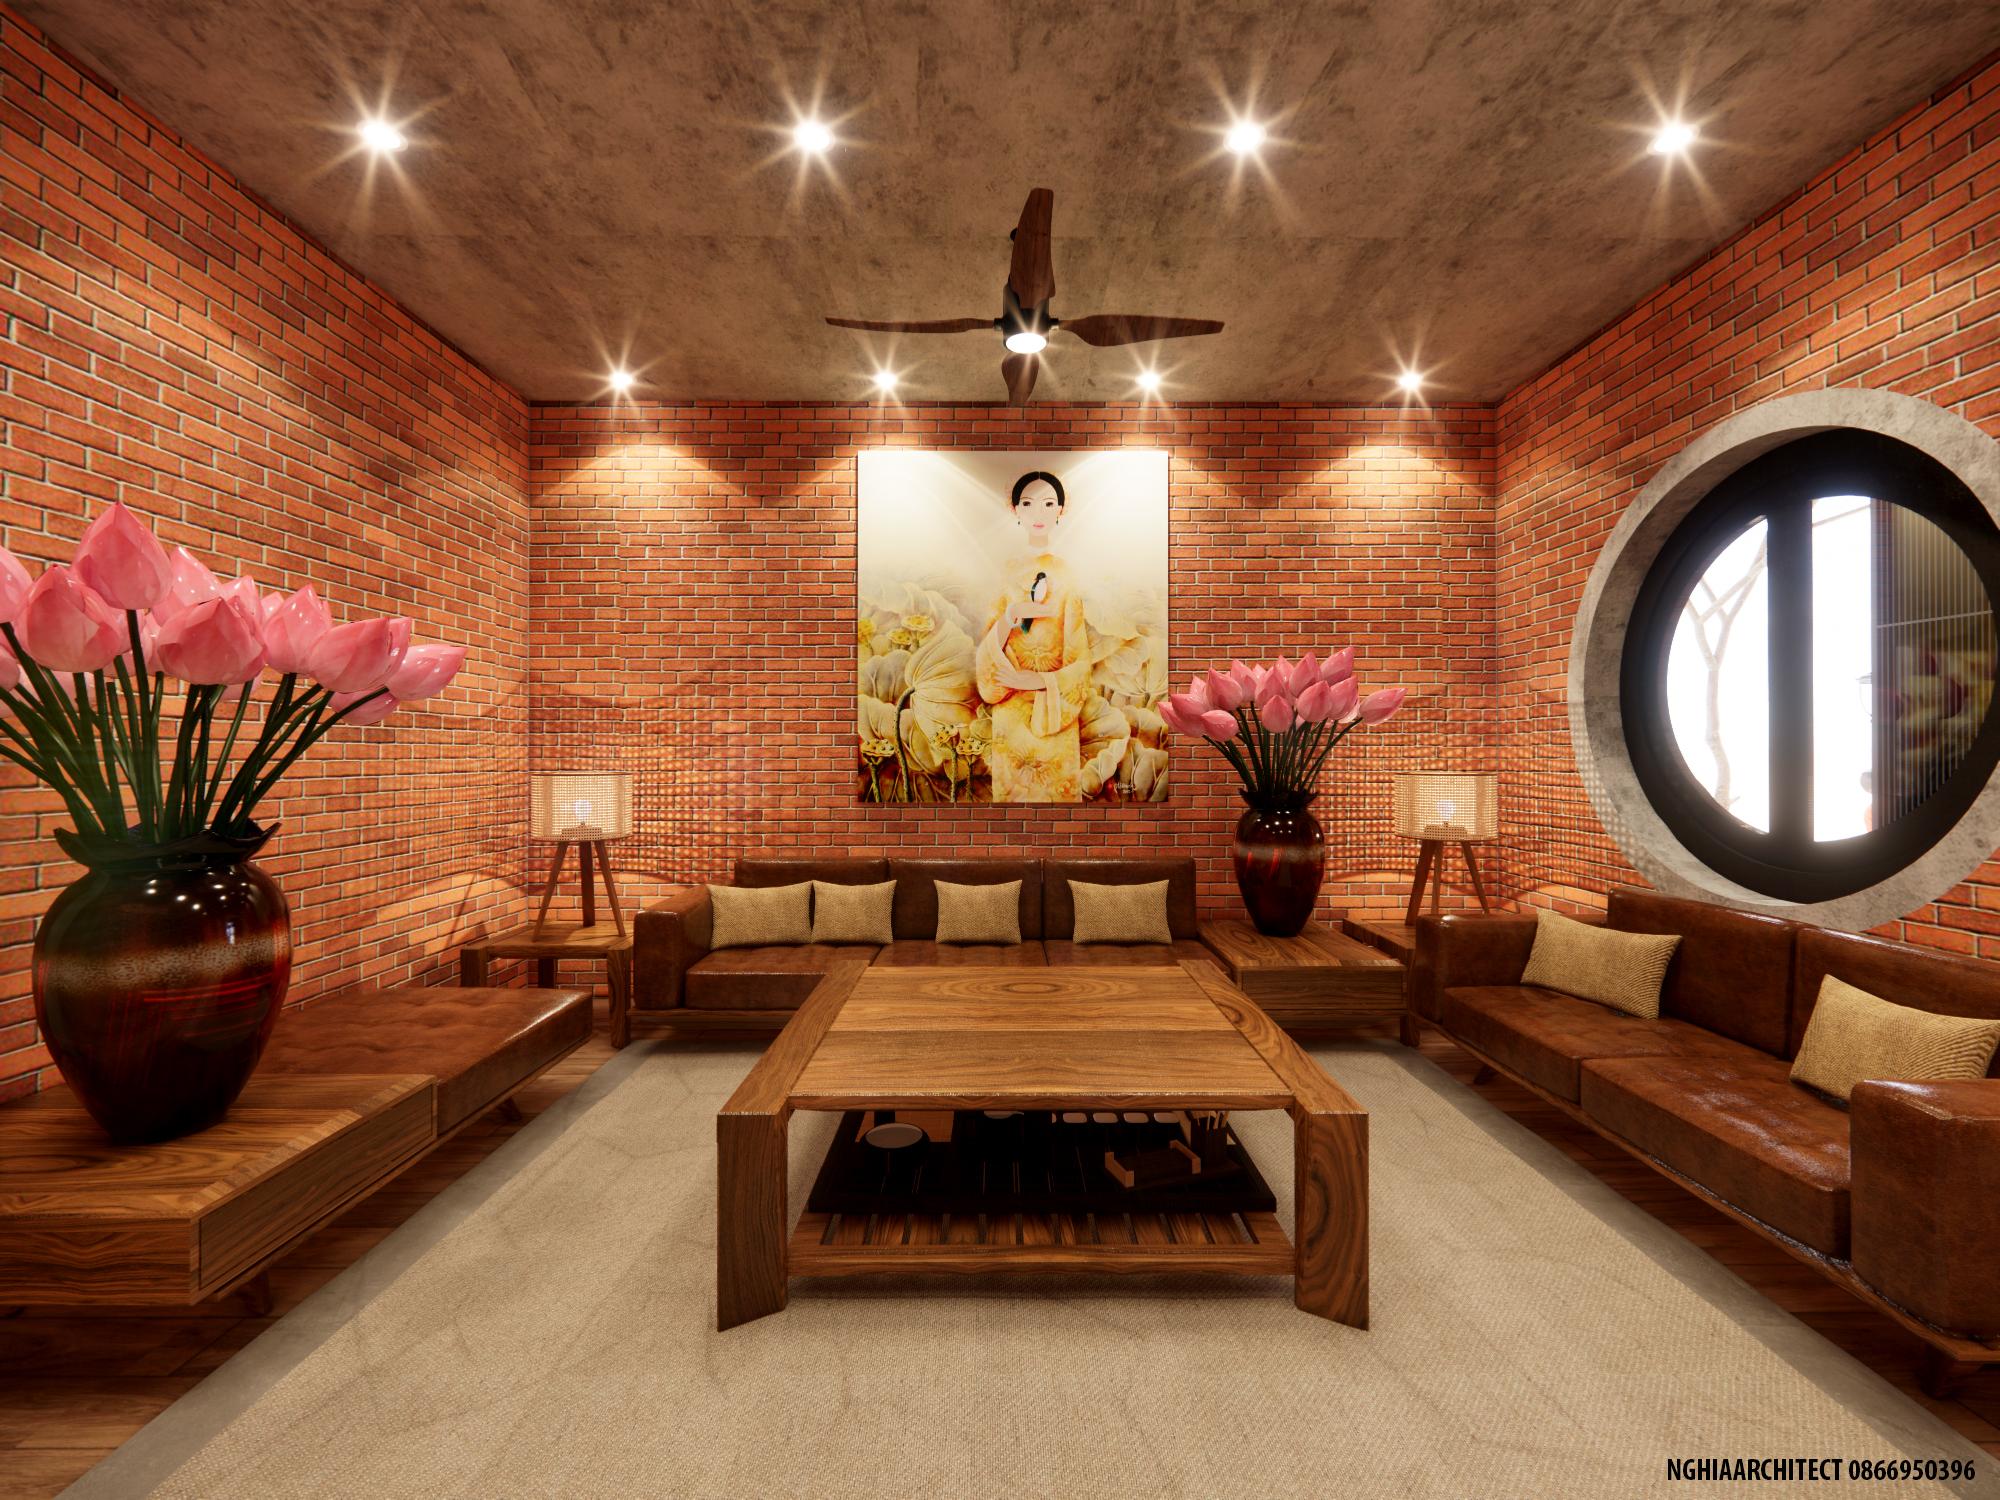 Thiết kế Nhà Mặt Phố tại Hà Nội nhà gạch 1604757988 5